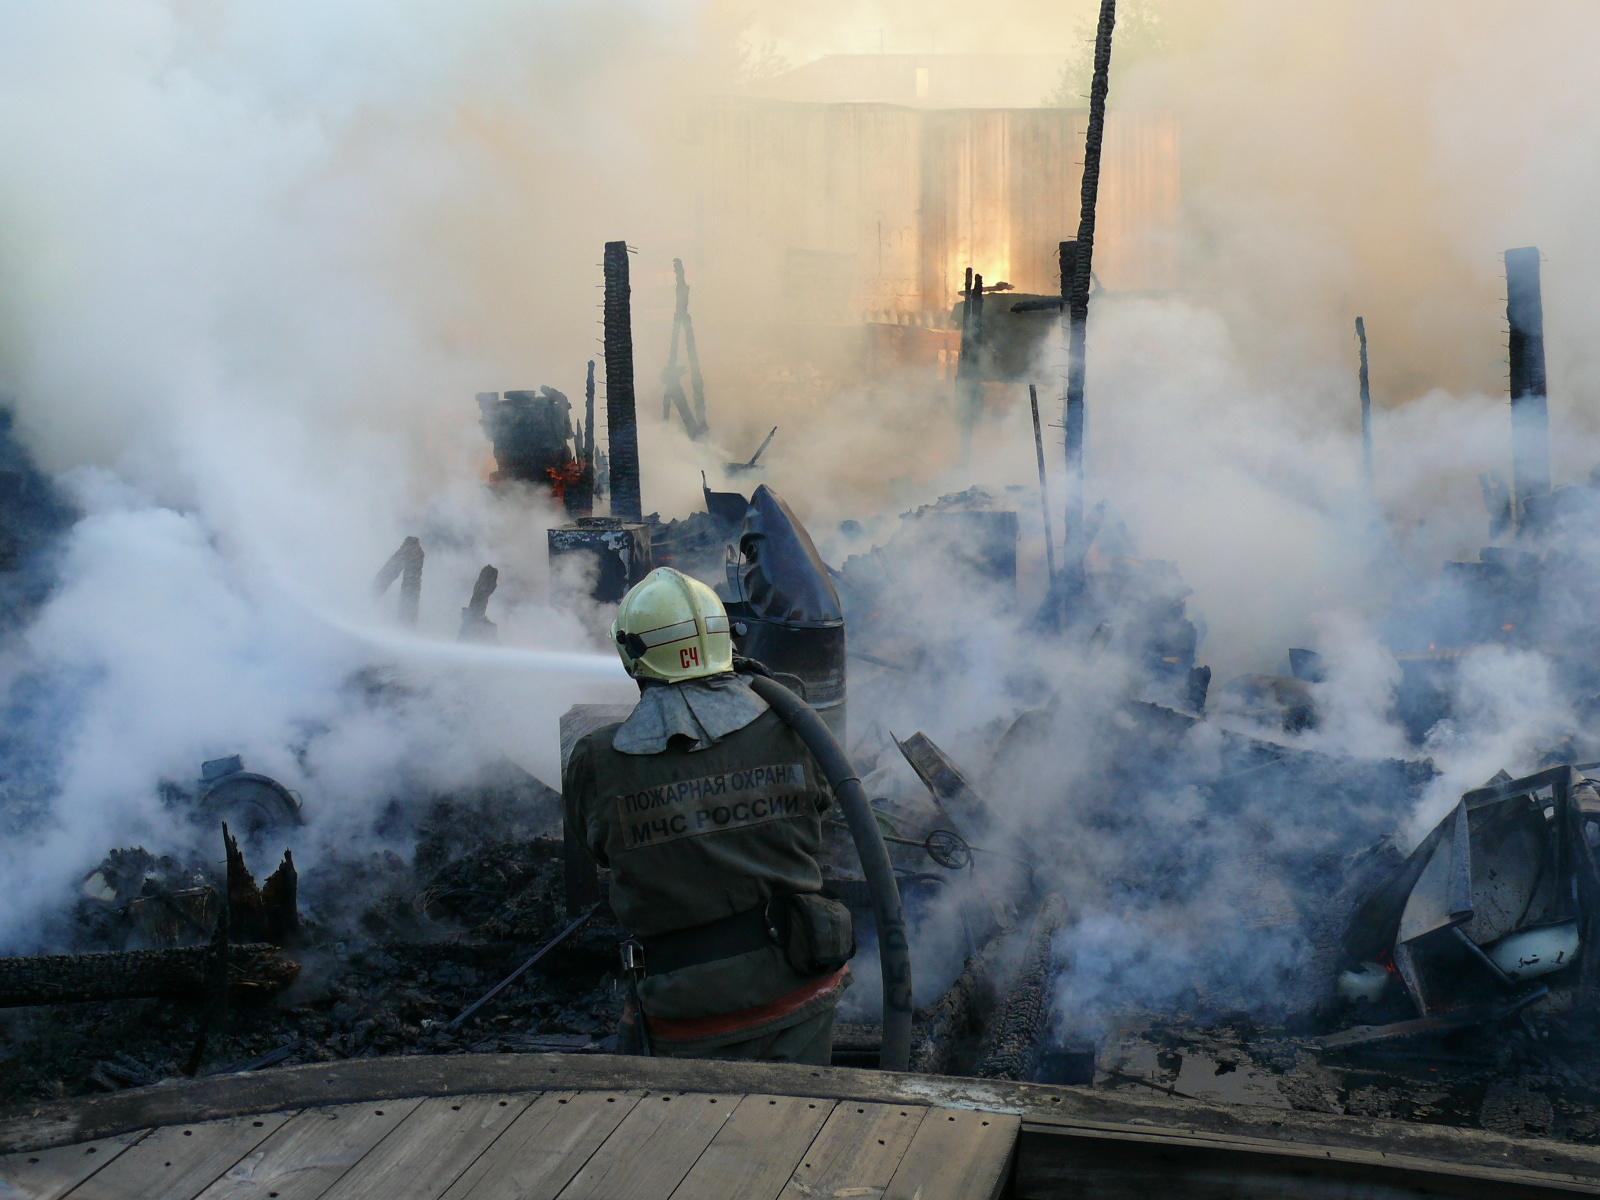 Пожарно-спасательные подразделения ликвидировали пожар в Котласском районе Архангельской области.